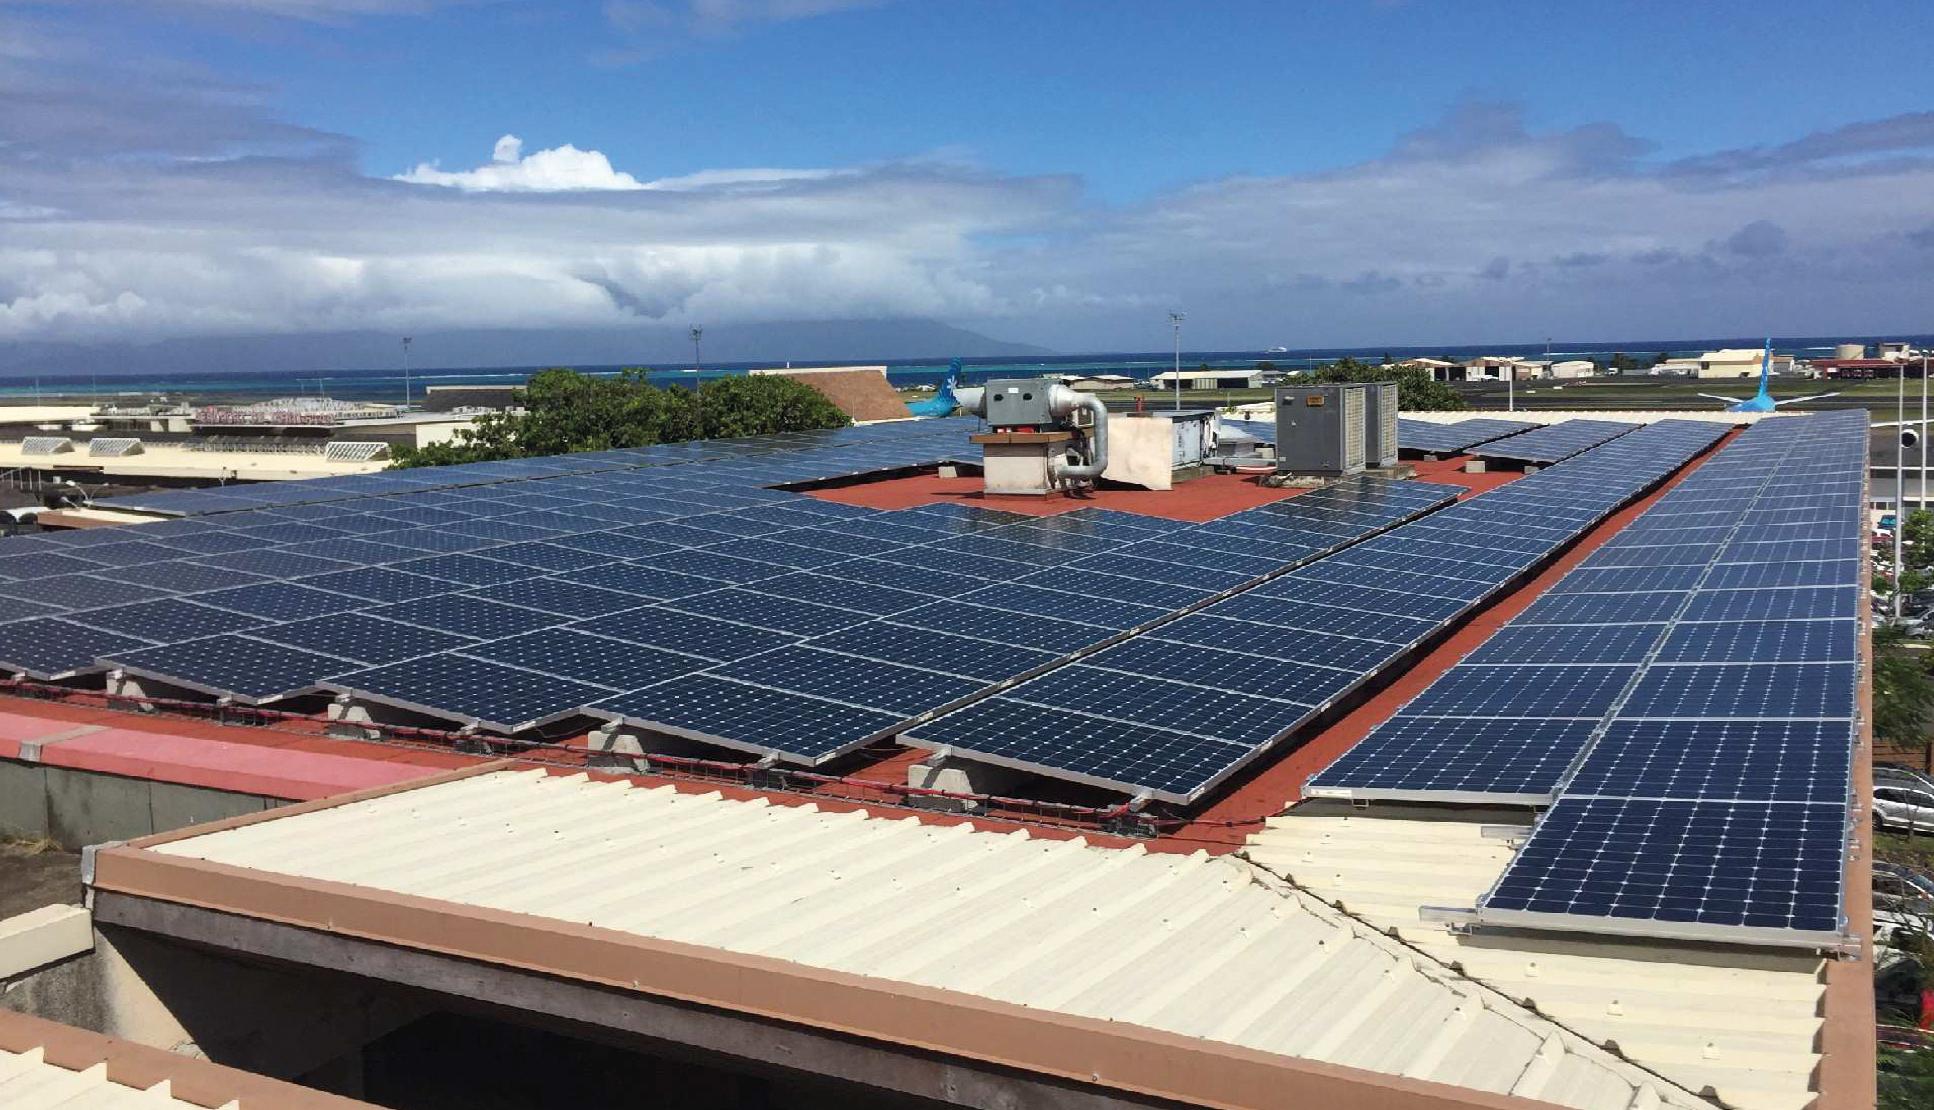 Les 305 panneaux photovoltaïques sur le toit du siège de la compagnie à Faa'a.